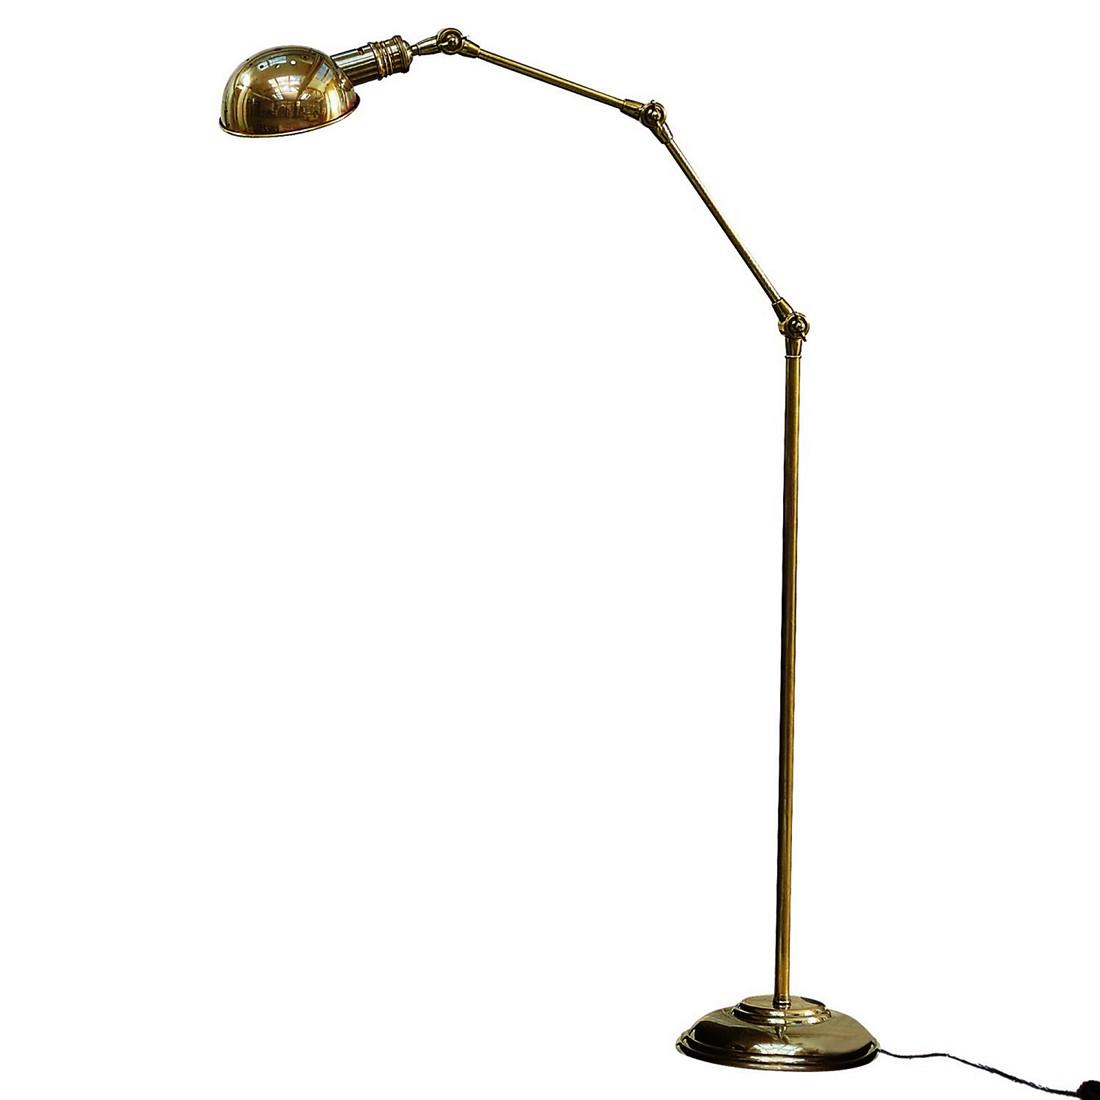 Stehlampe Tulsa ● Messing ● Messing- Loberon